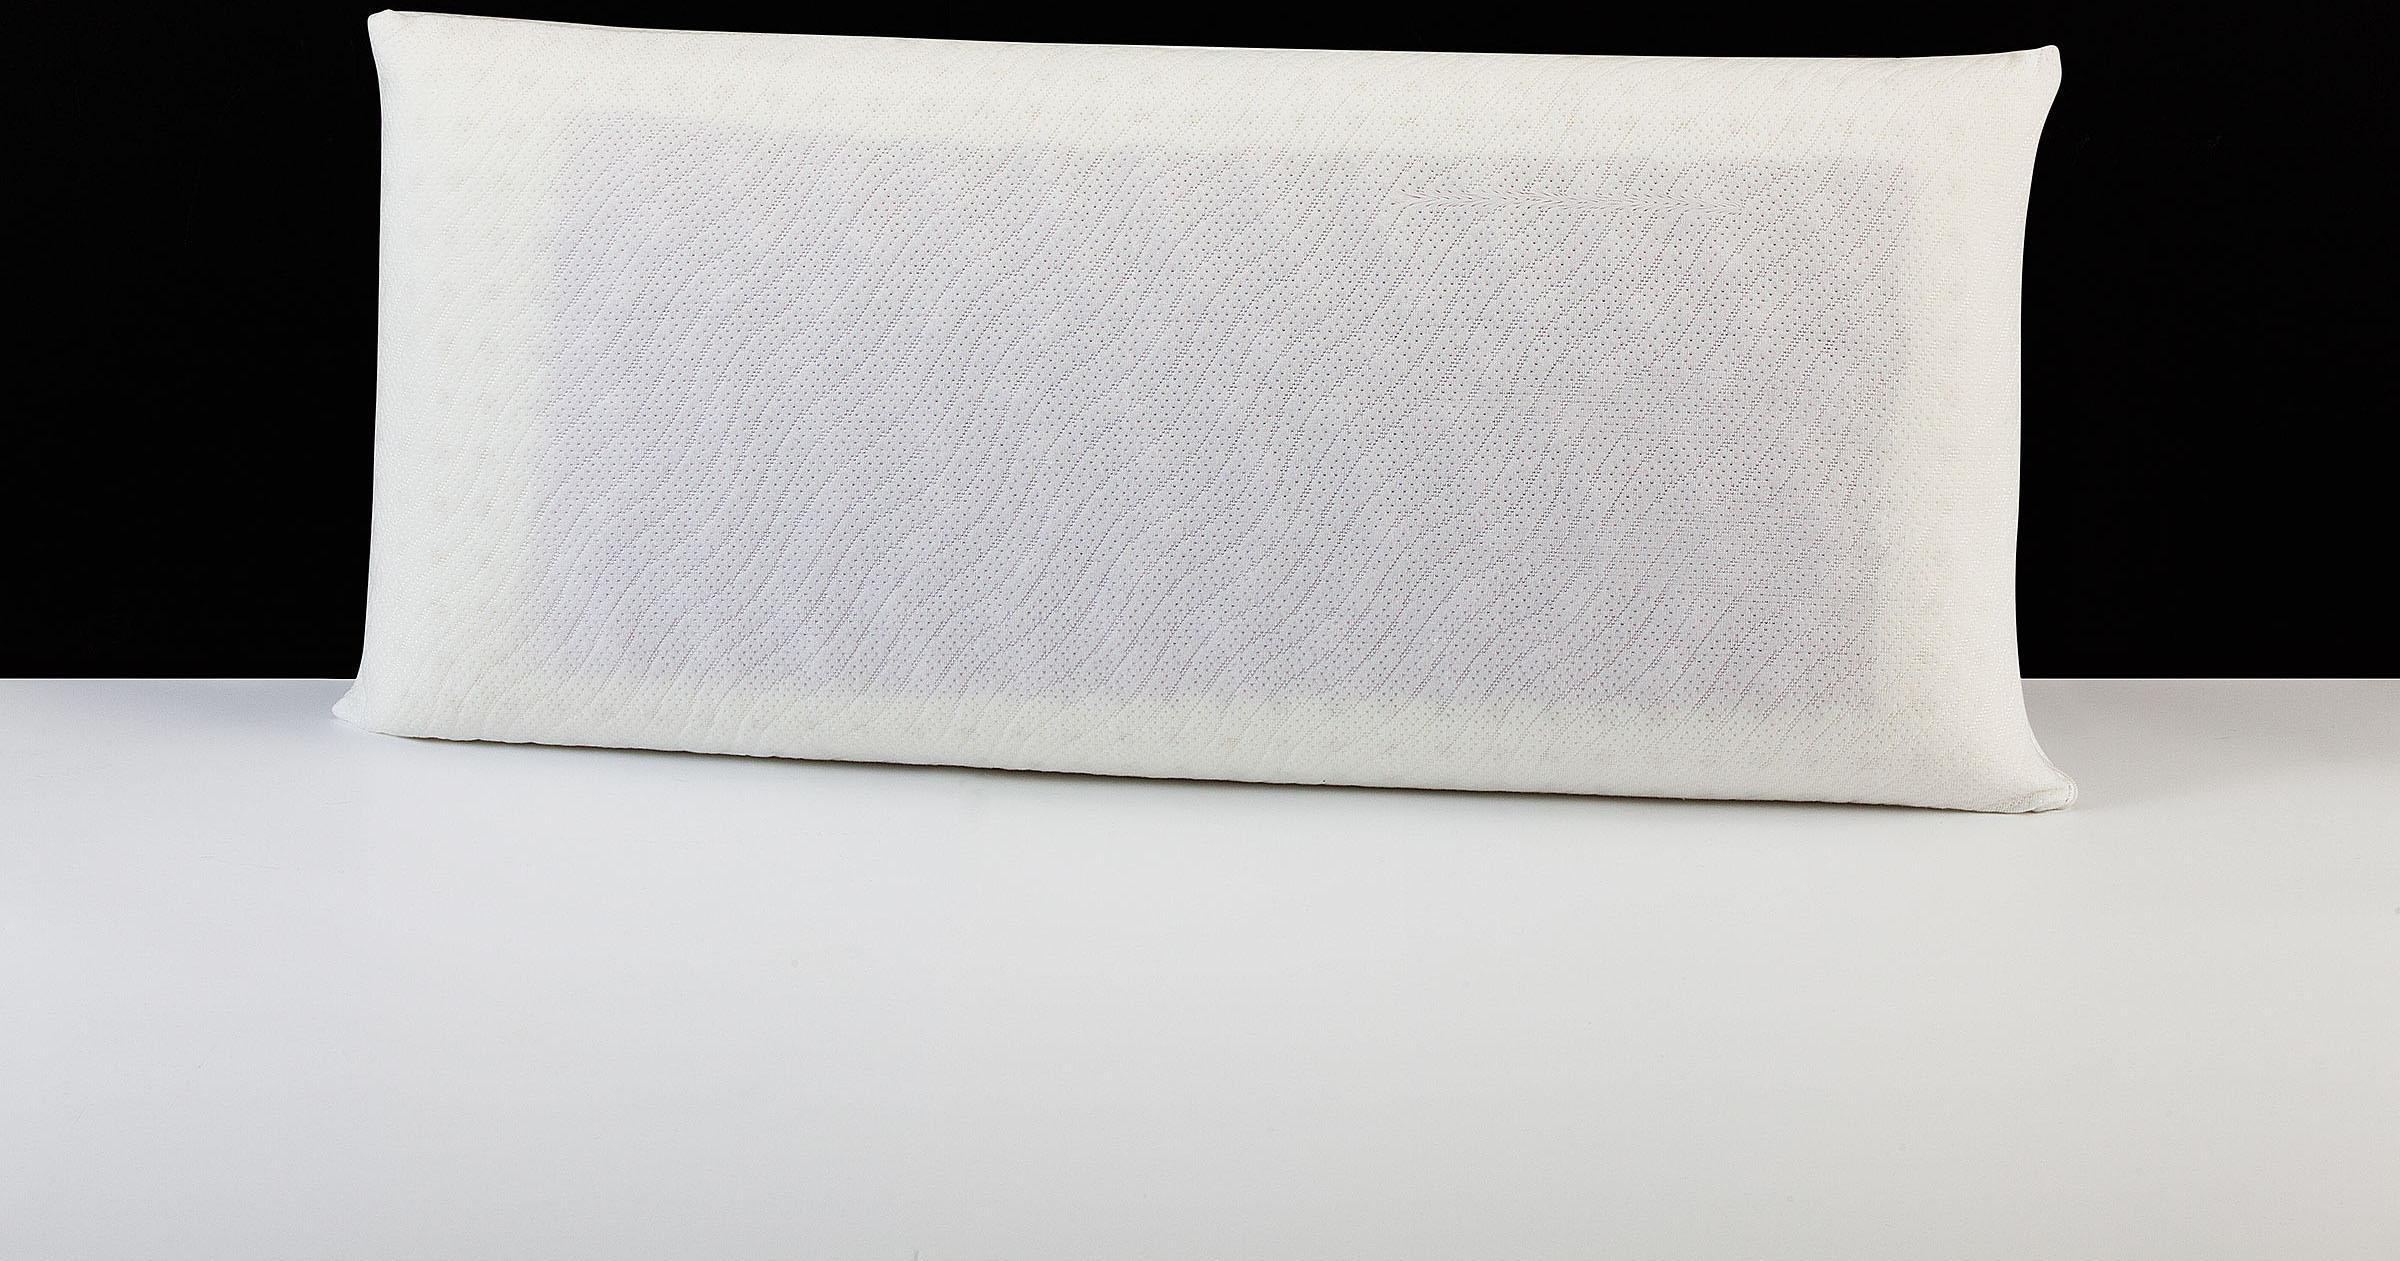 Nackenstützkissen ´´Memory Dream´´ Smartmassage Malve DI QUATTRO Füllung: Viscoschaum und Viscoeinlage mit Malveextrakt Bezug: 100% Baumwolle